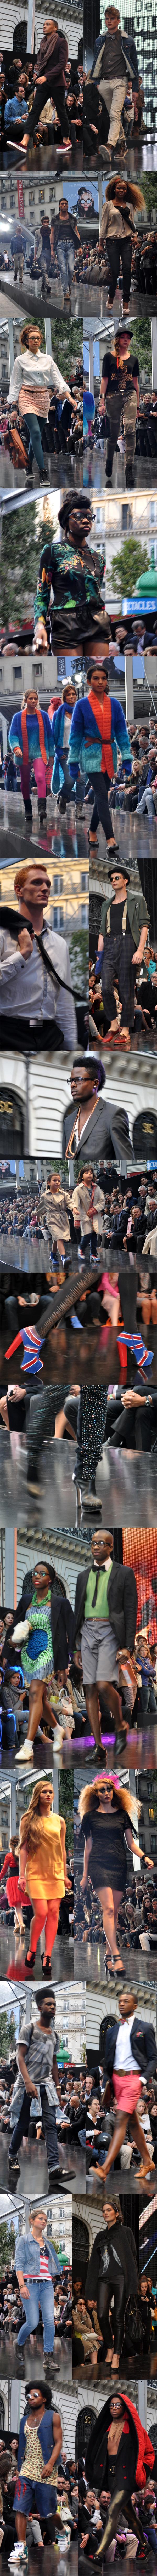 Le Plus Grand Défilé de Mode du Monde - Galeries Lafayette Septembre 2012